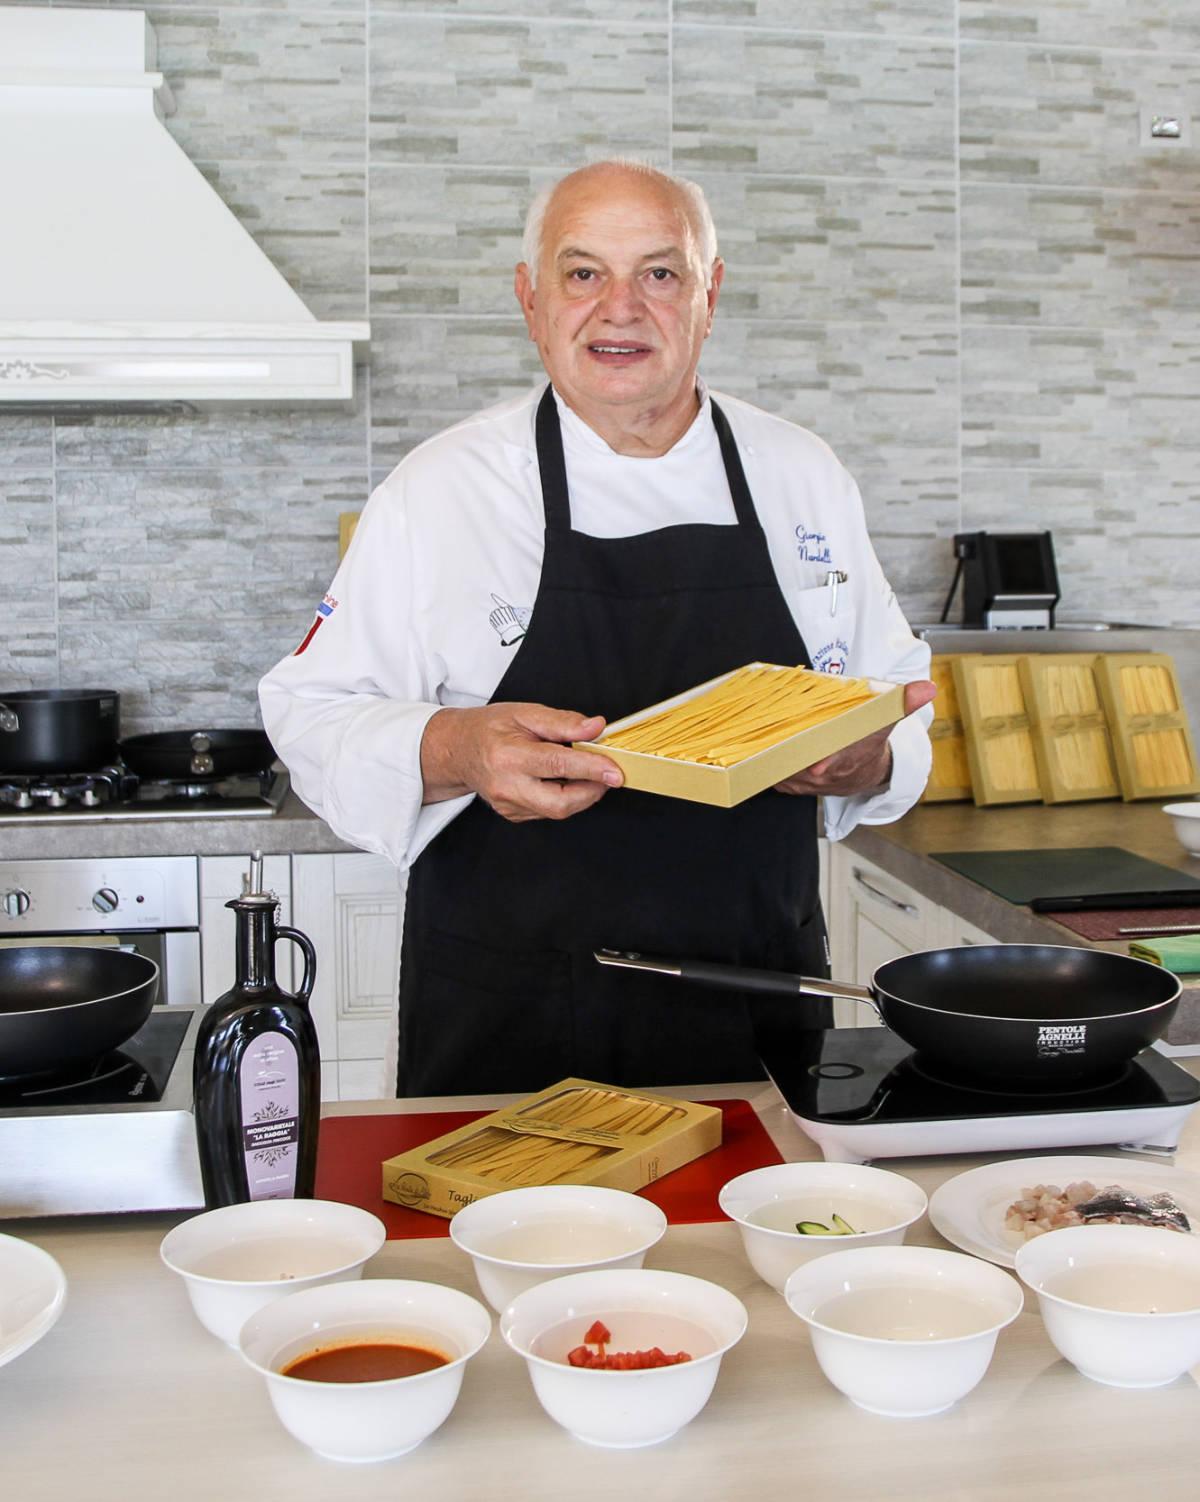 Chef Giorgio Nardelli